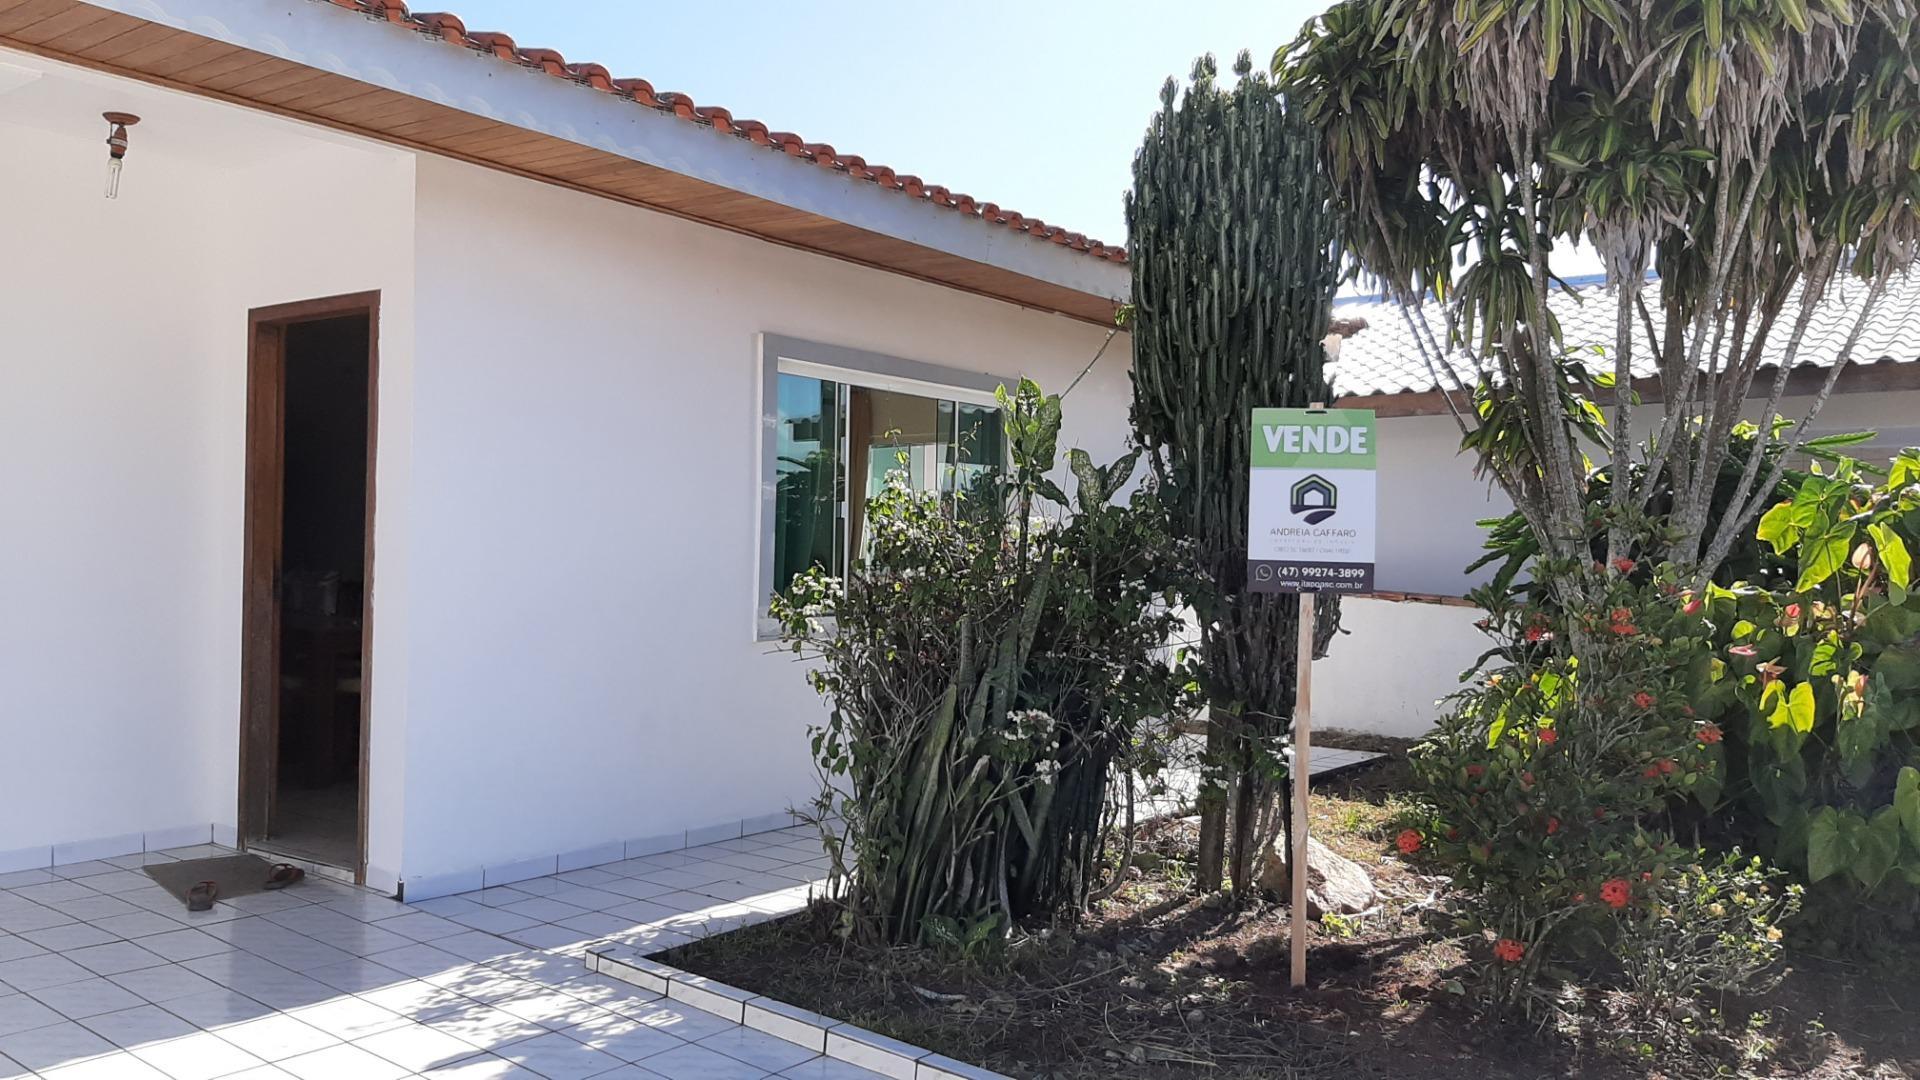 Casa com 3 dormitórios à venda, 159 m² por R$ 330.000,00 - Praia do Sayzinho - Itapoá/SC